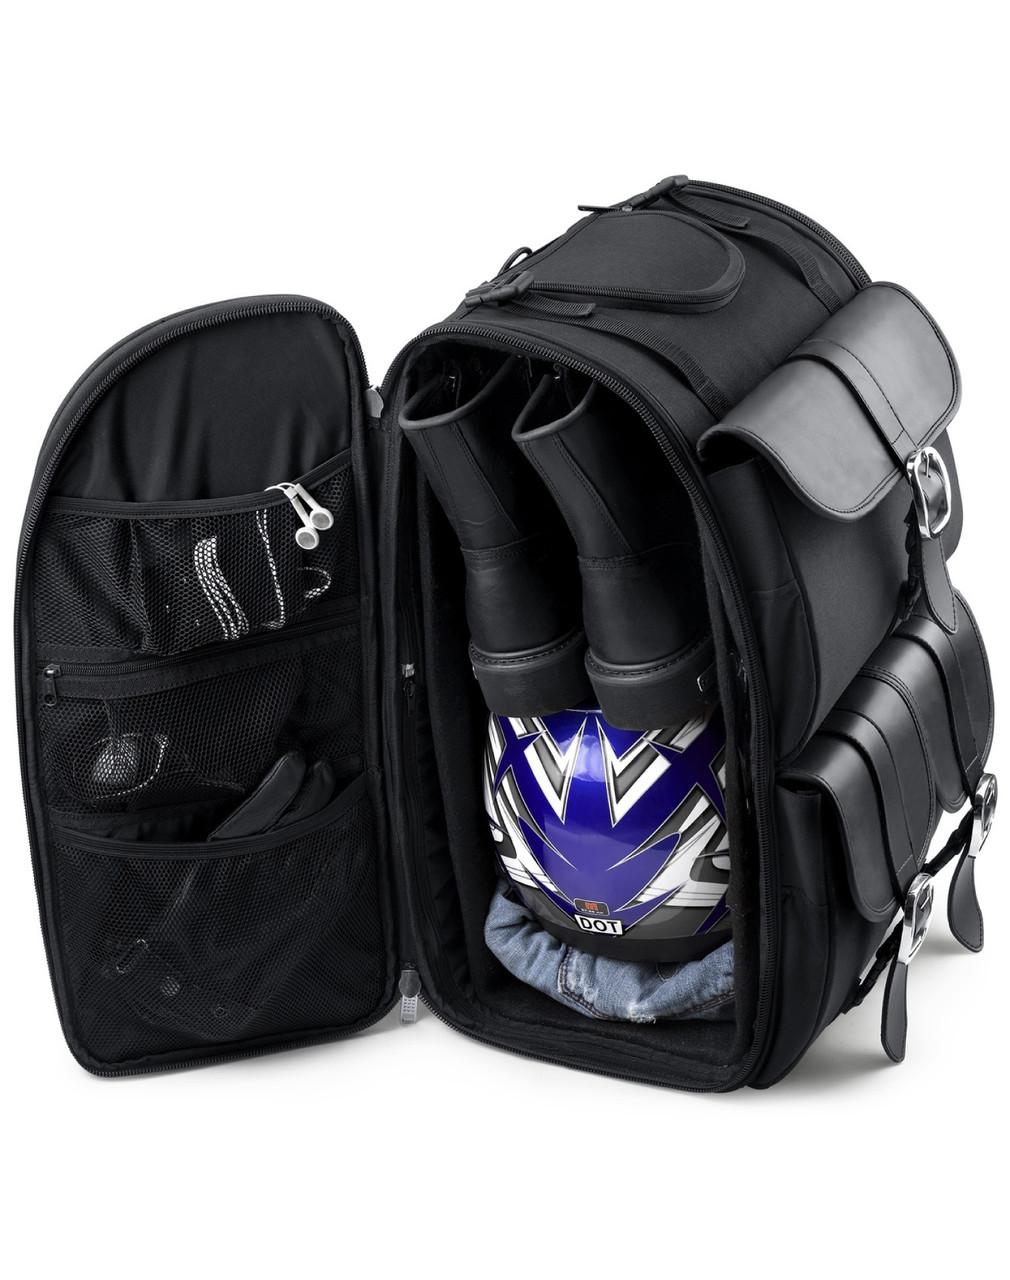 Yamaha Viking Extra Large Plain Motorcycle Tail Bag Storage View